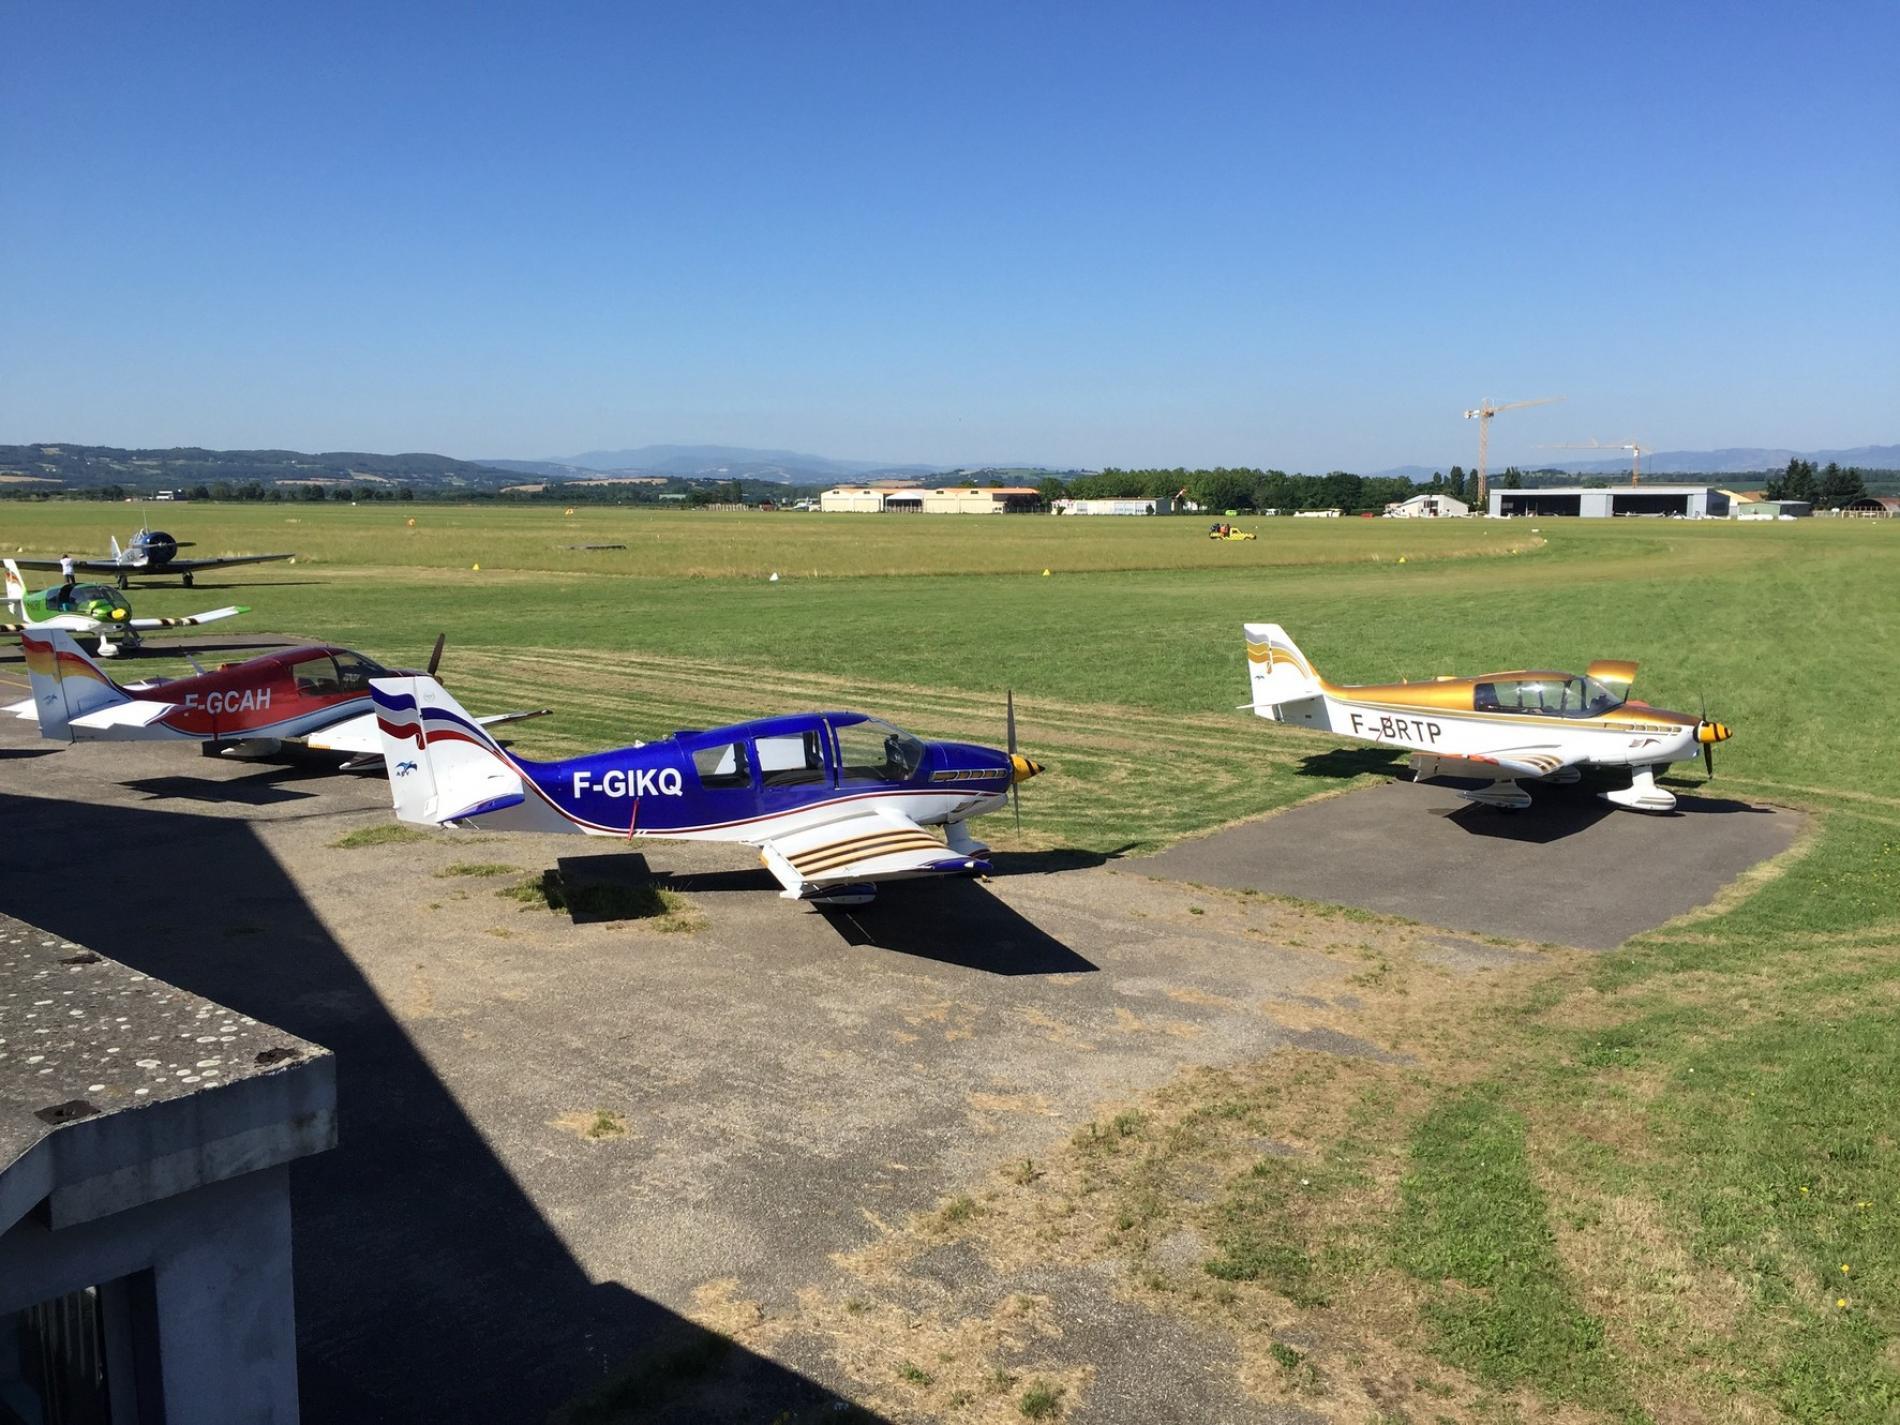 Aérodrome de corbas avec le parachutisme  et le vol à voile